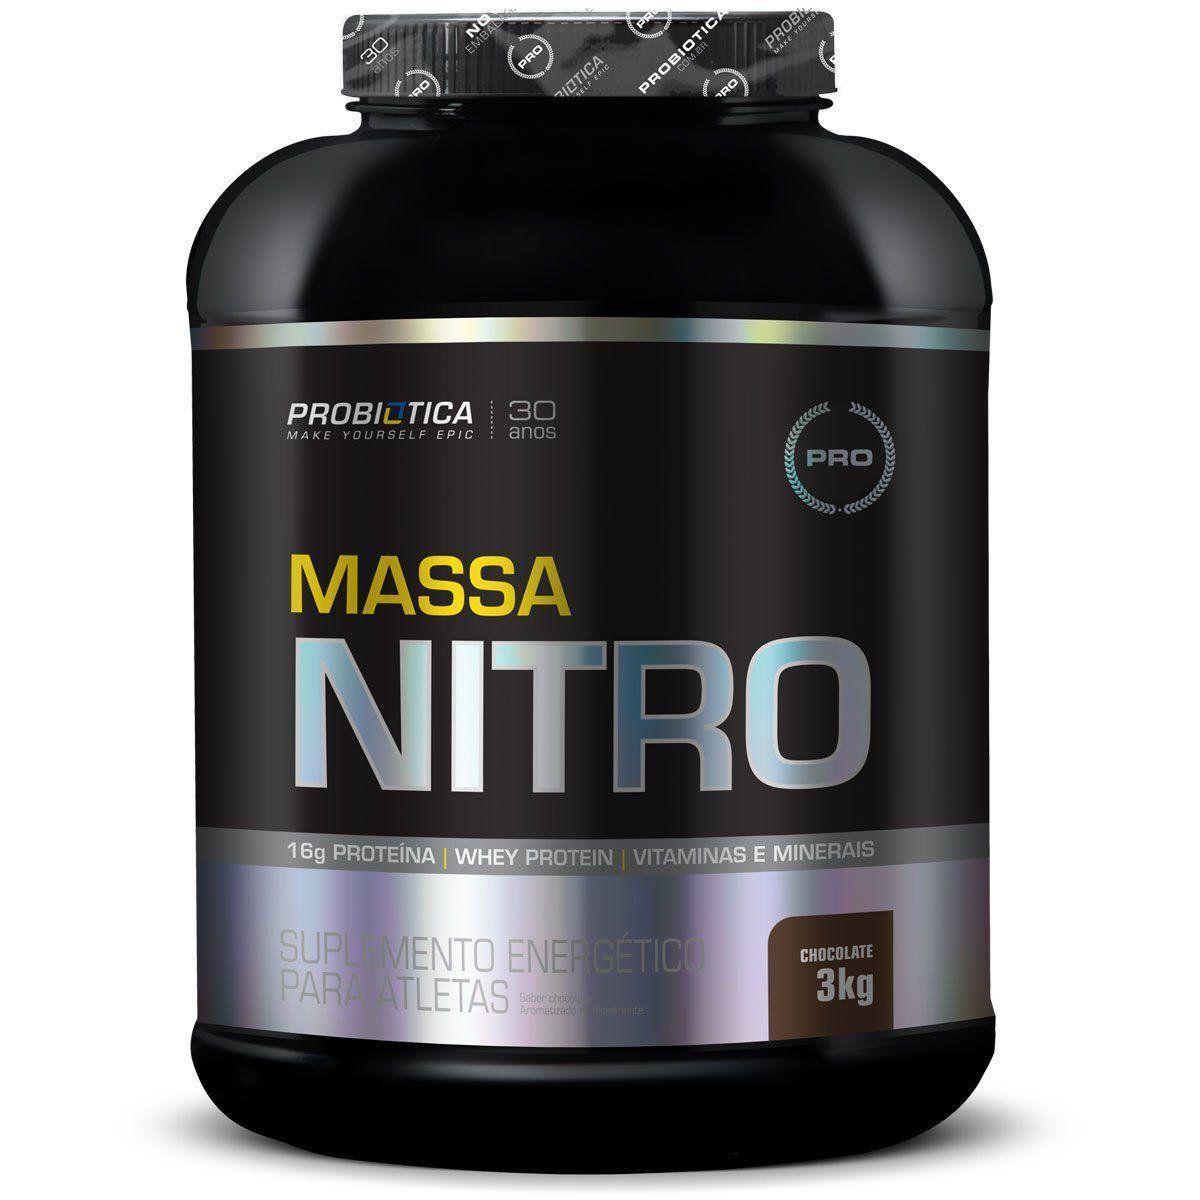 Massa Nitro 3kg Probiótica  - Vitta Gold